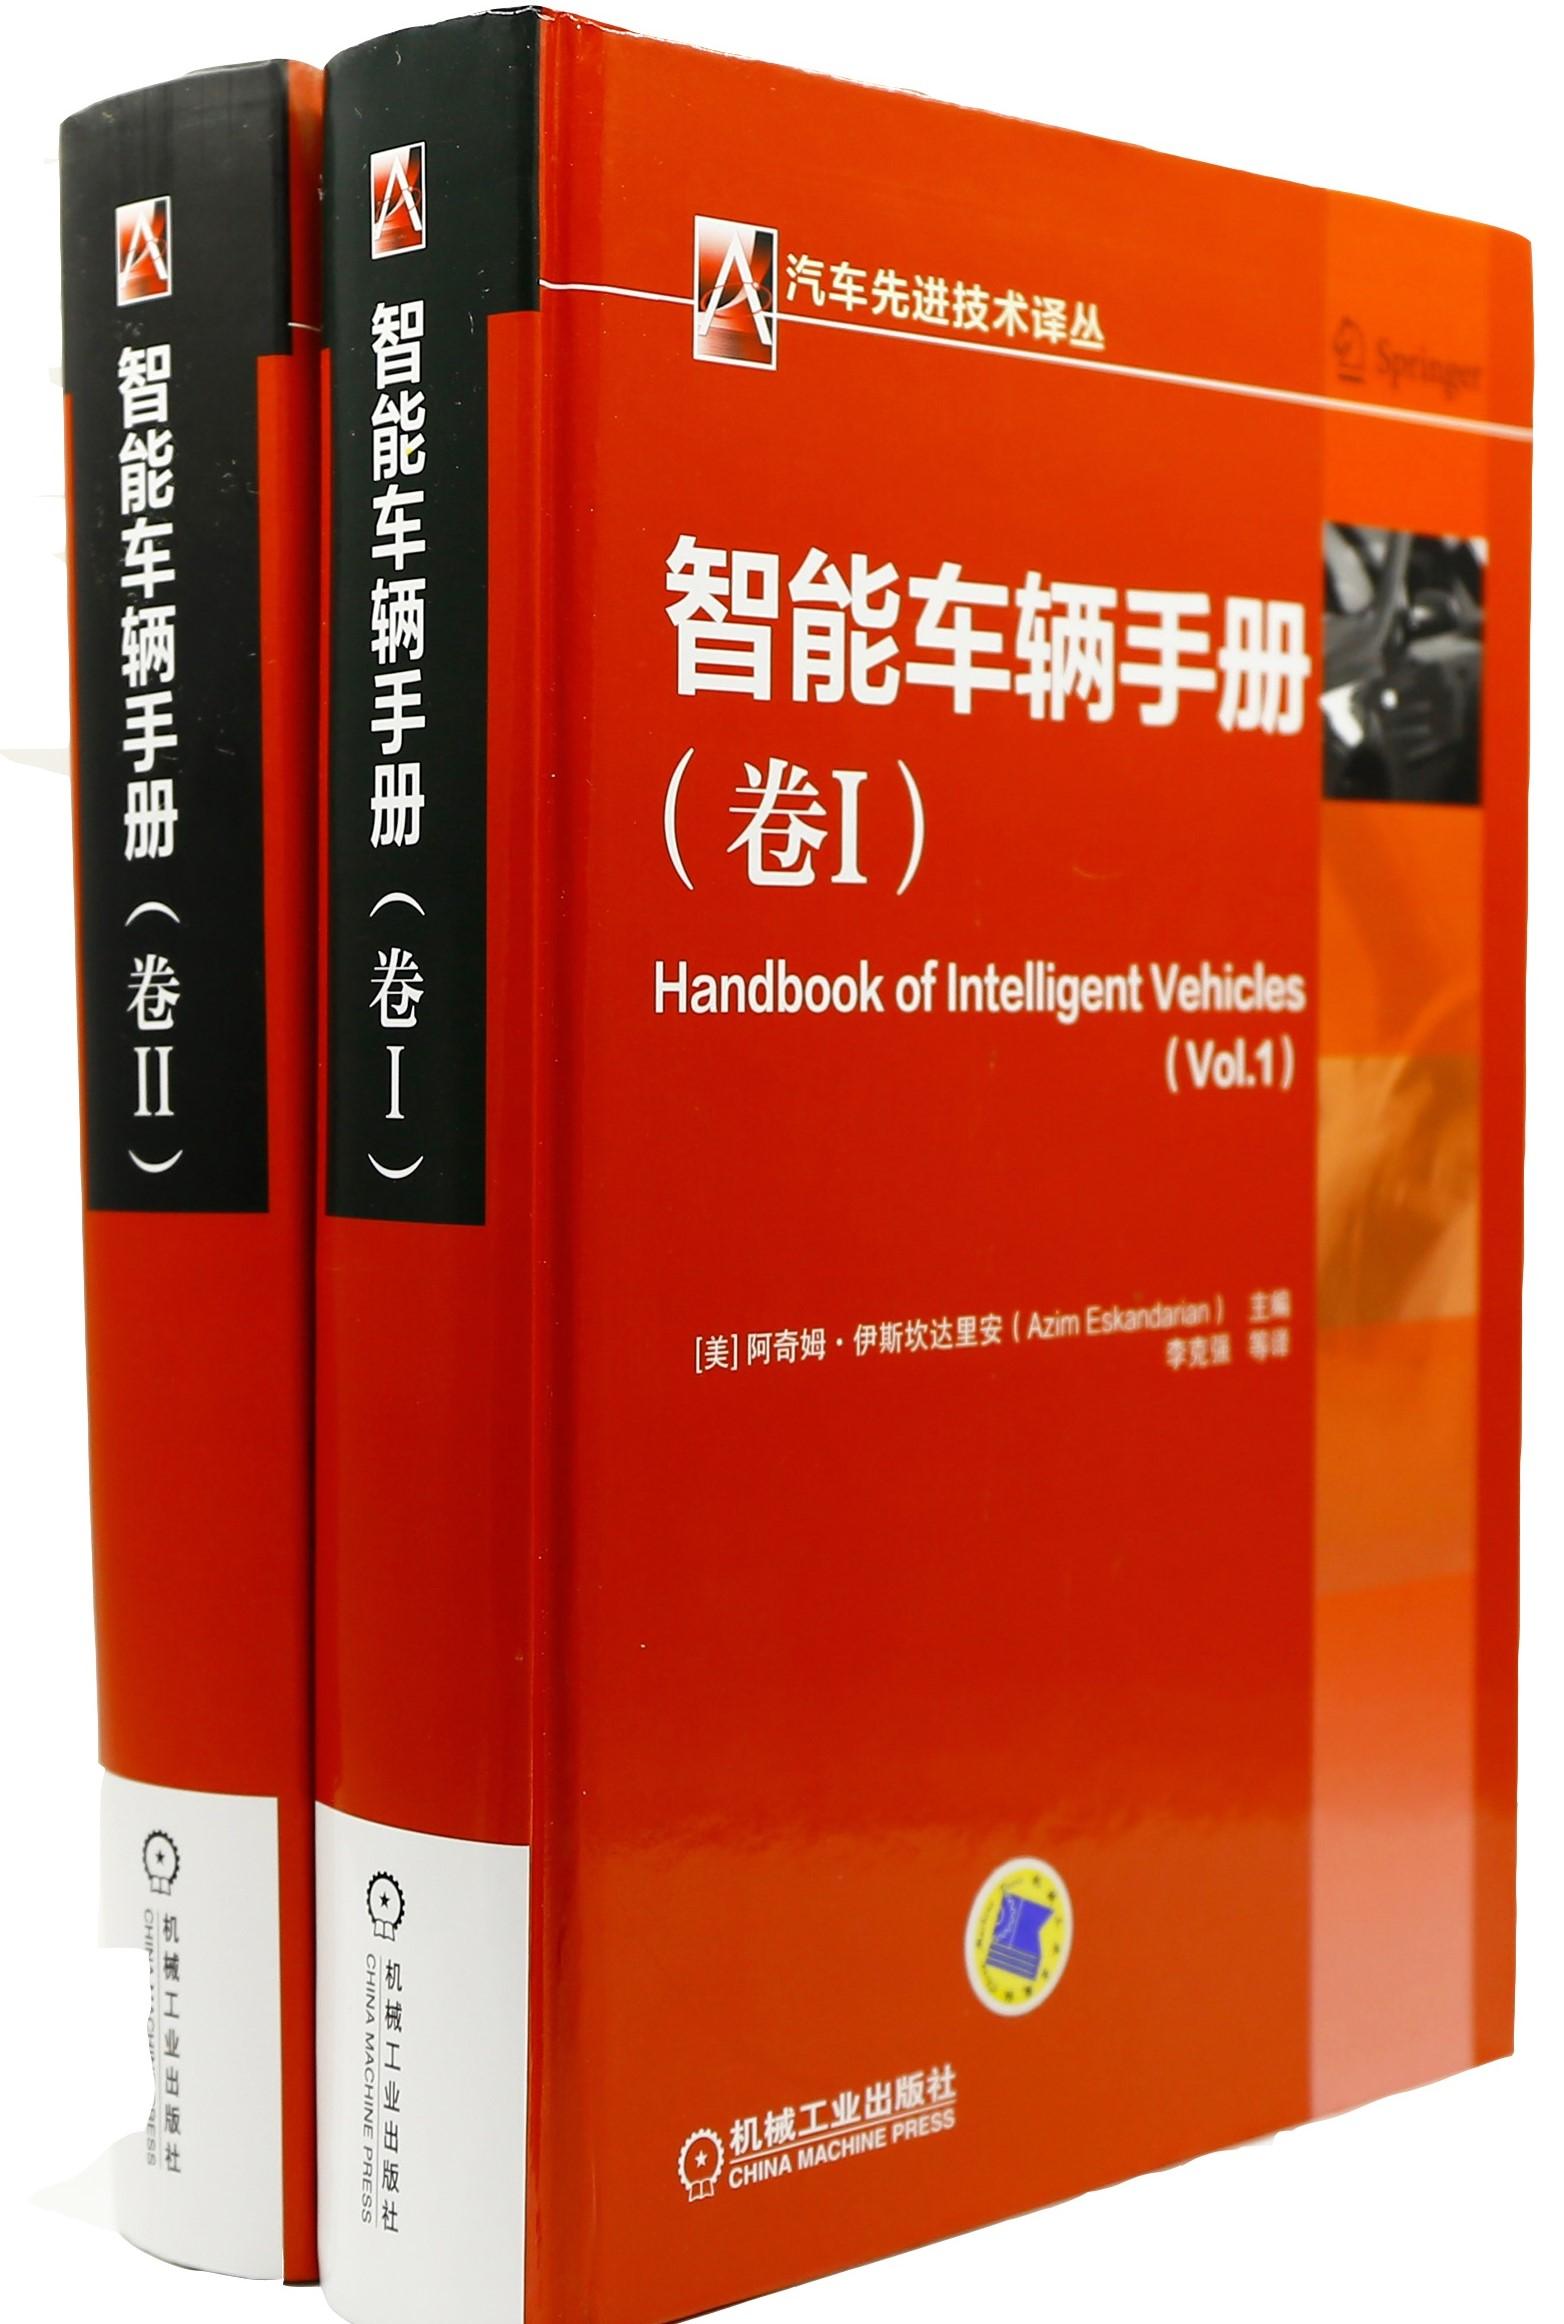 《智能车辆手册》(上下册)